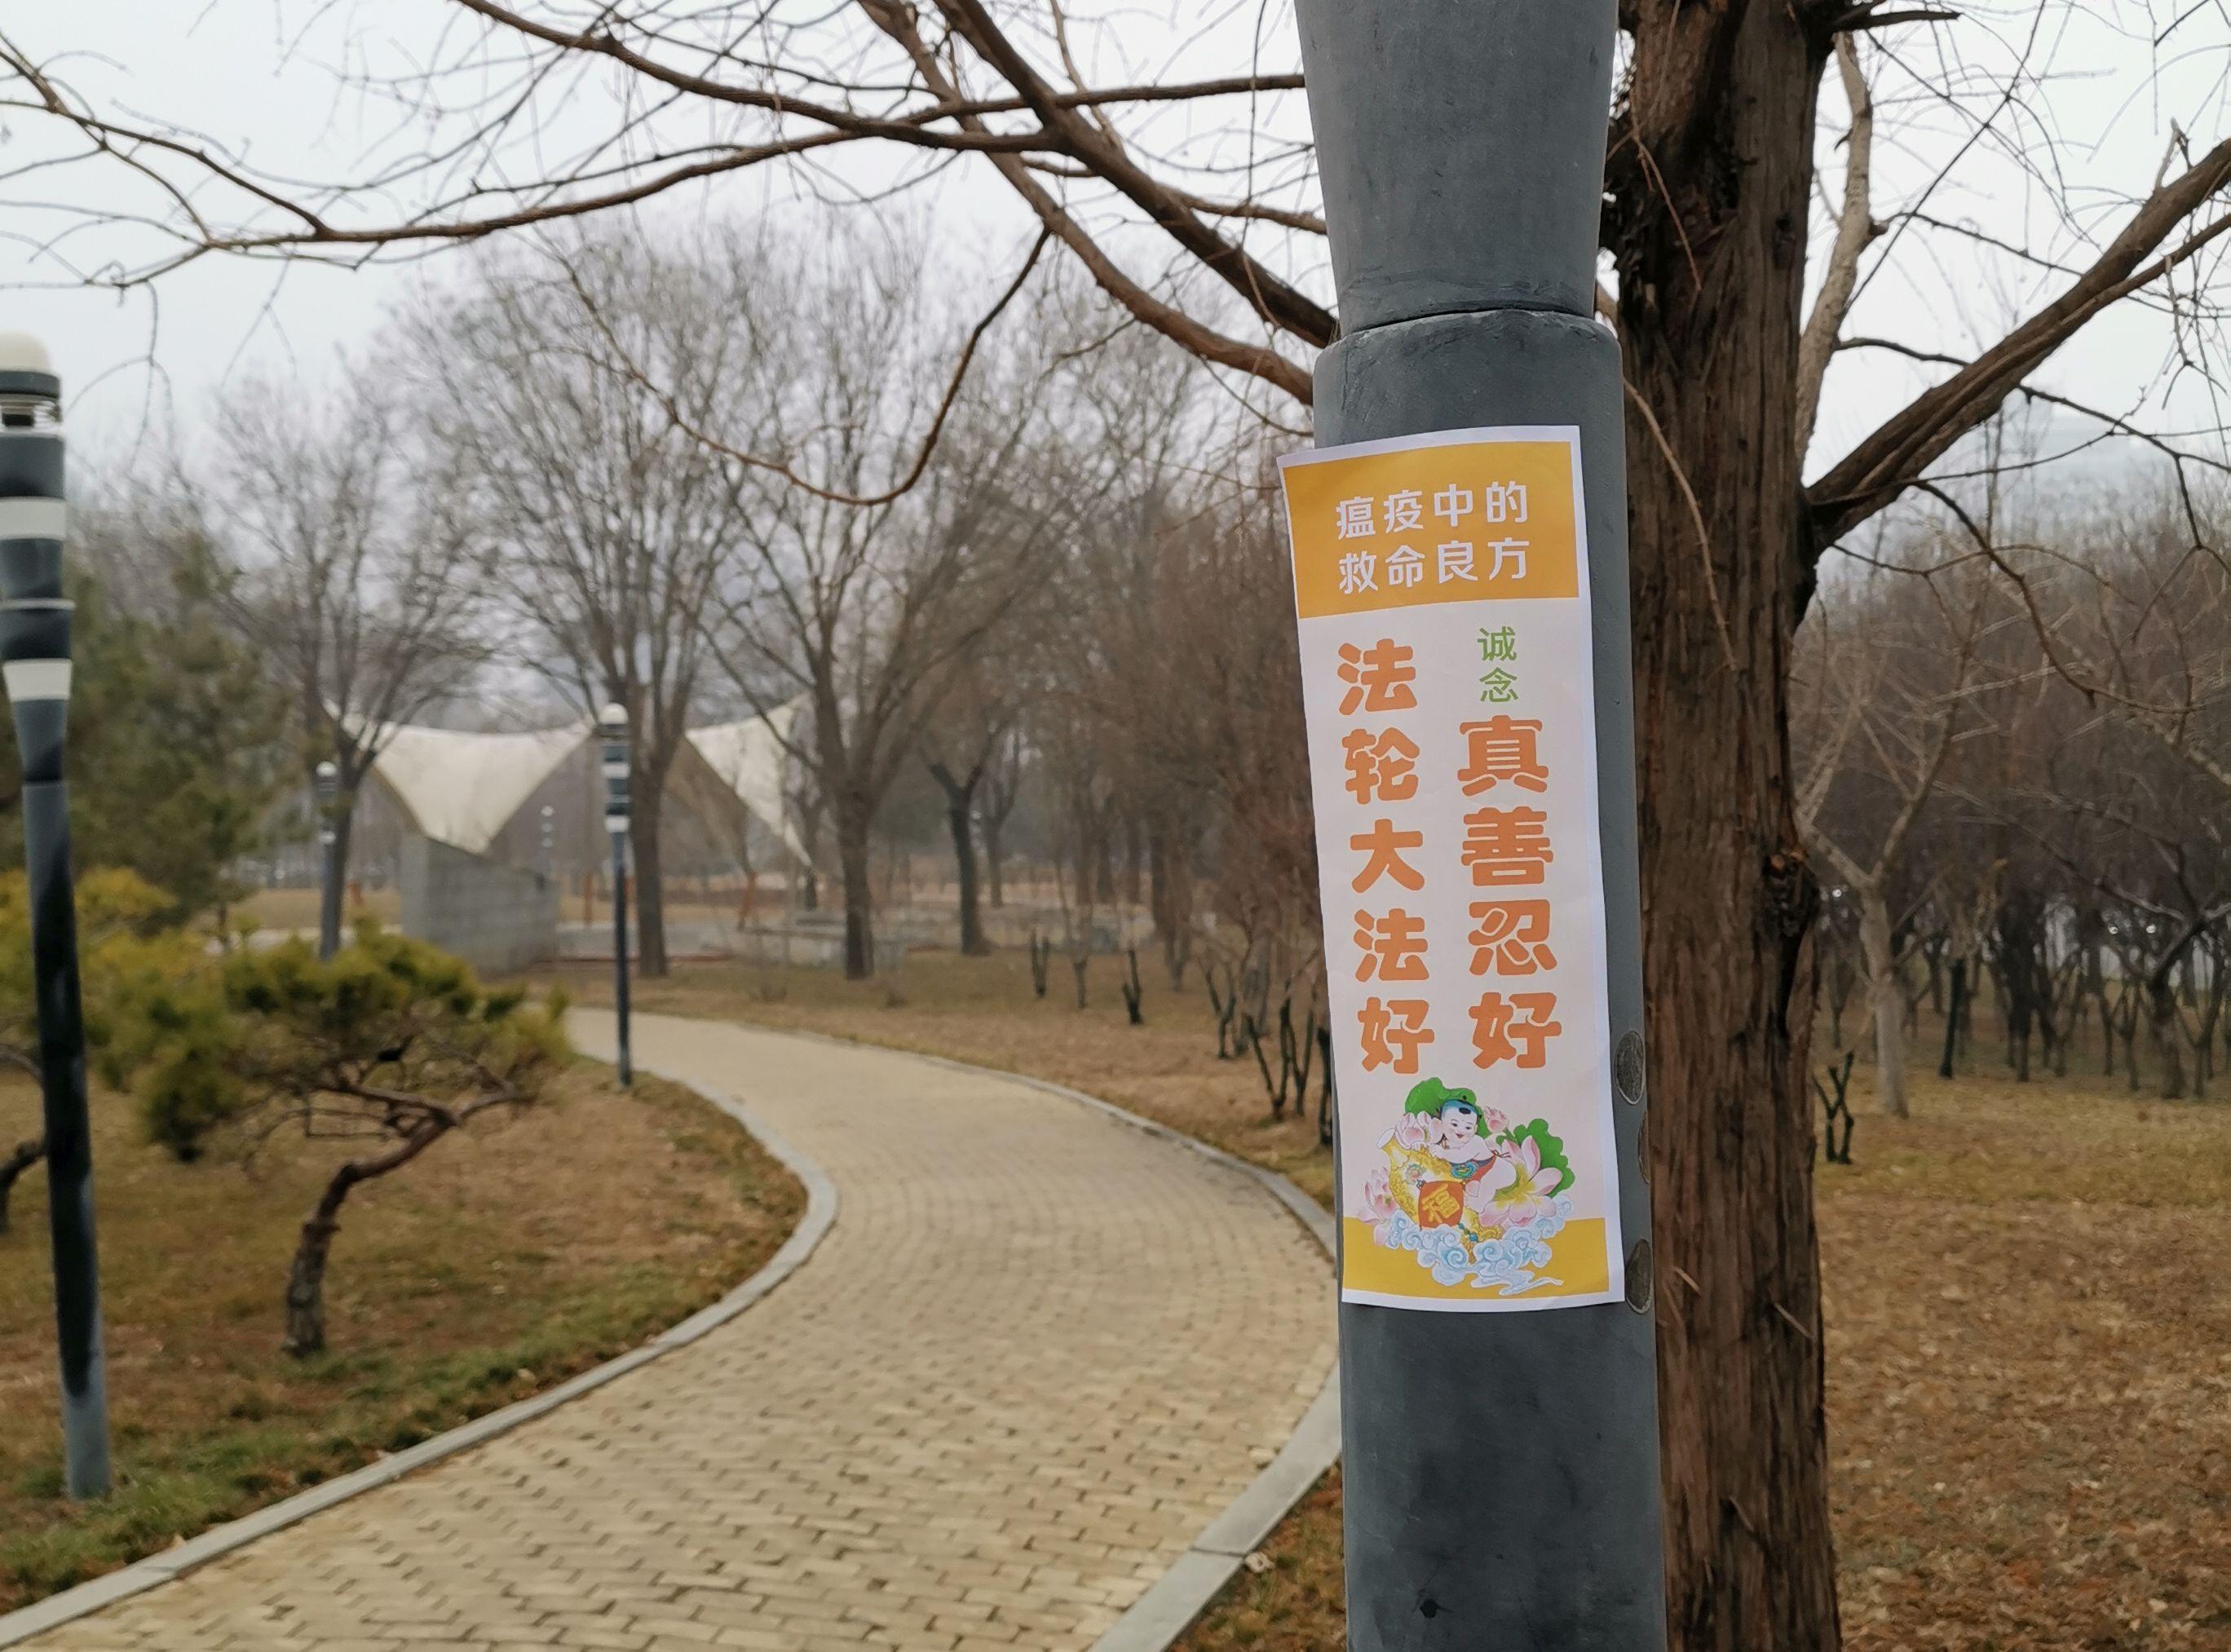 中国大陆法轮功学员用真相贴传播避疫良方